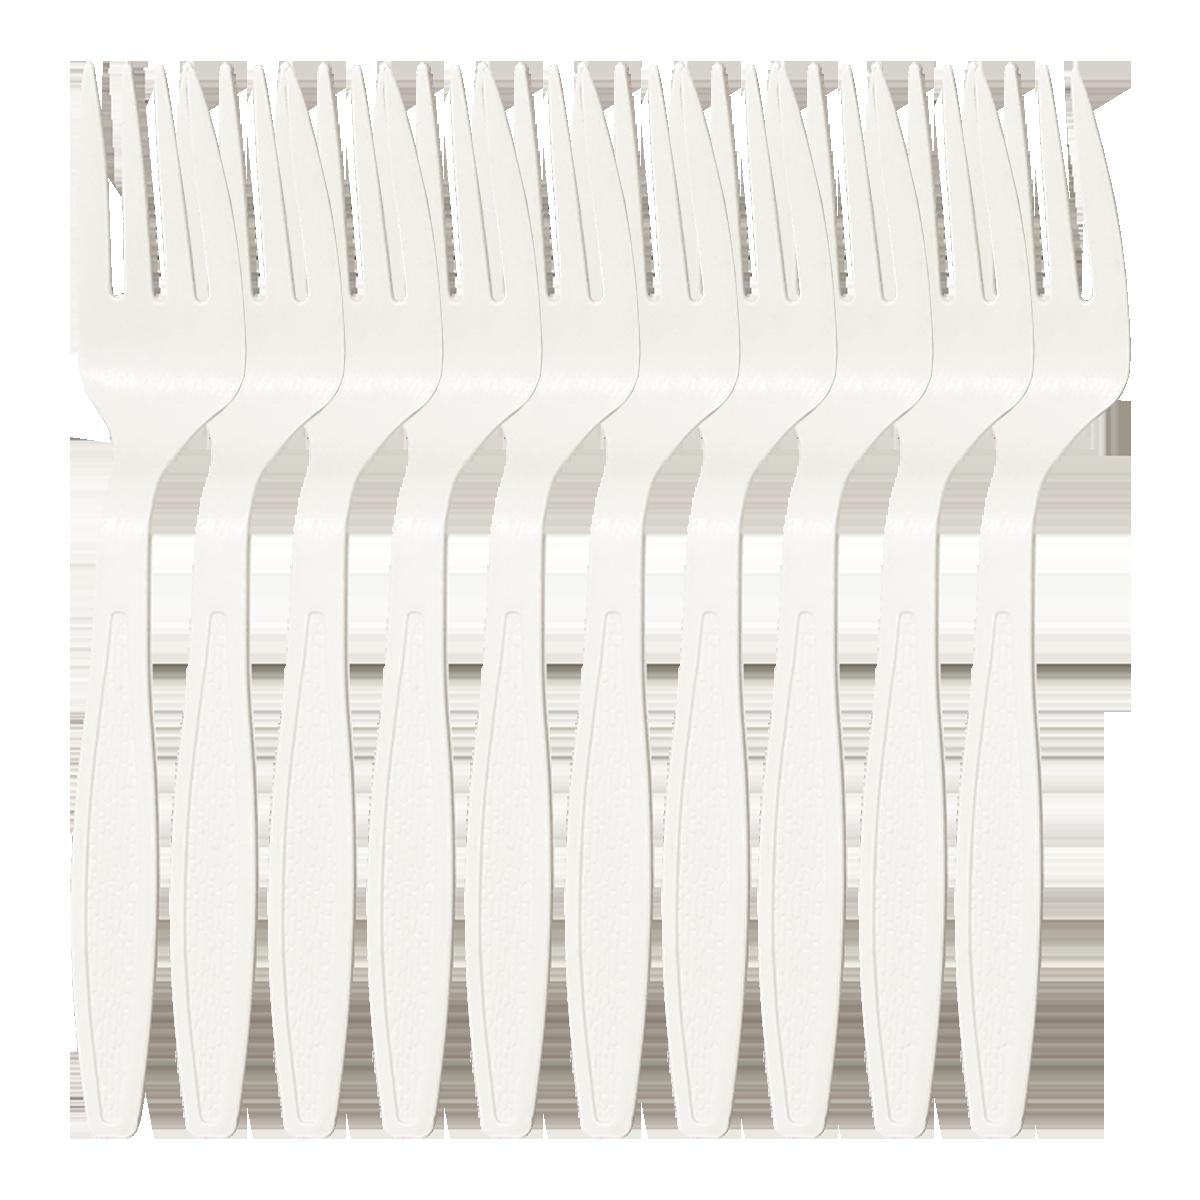 Multiple Forks